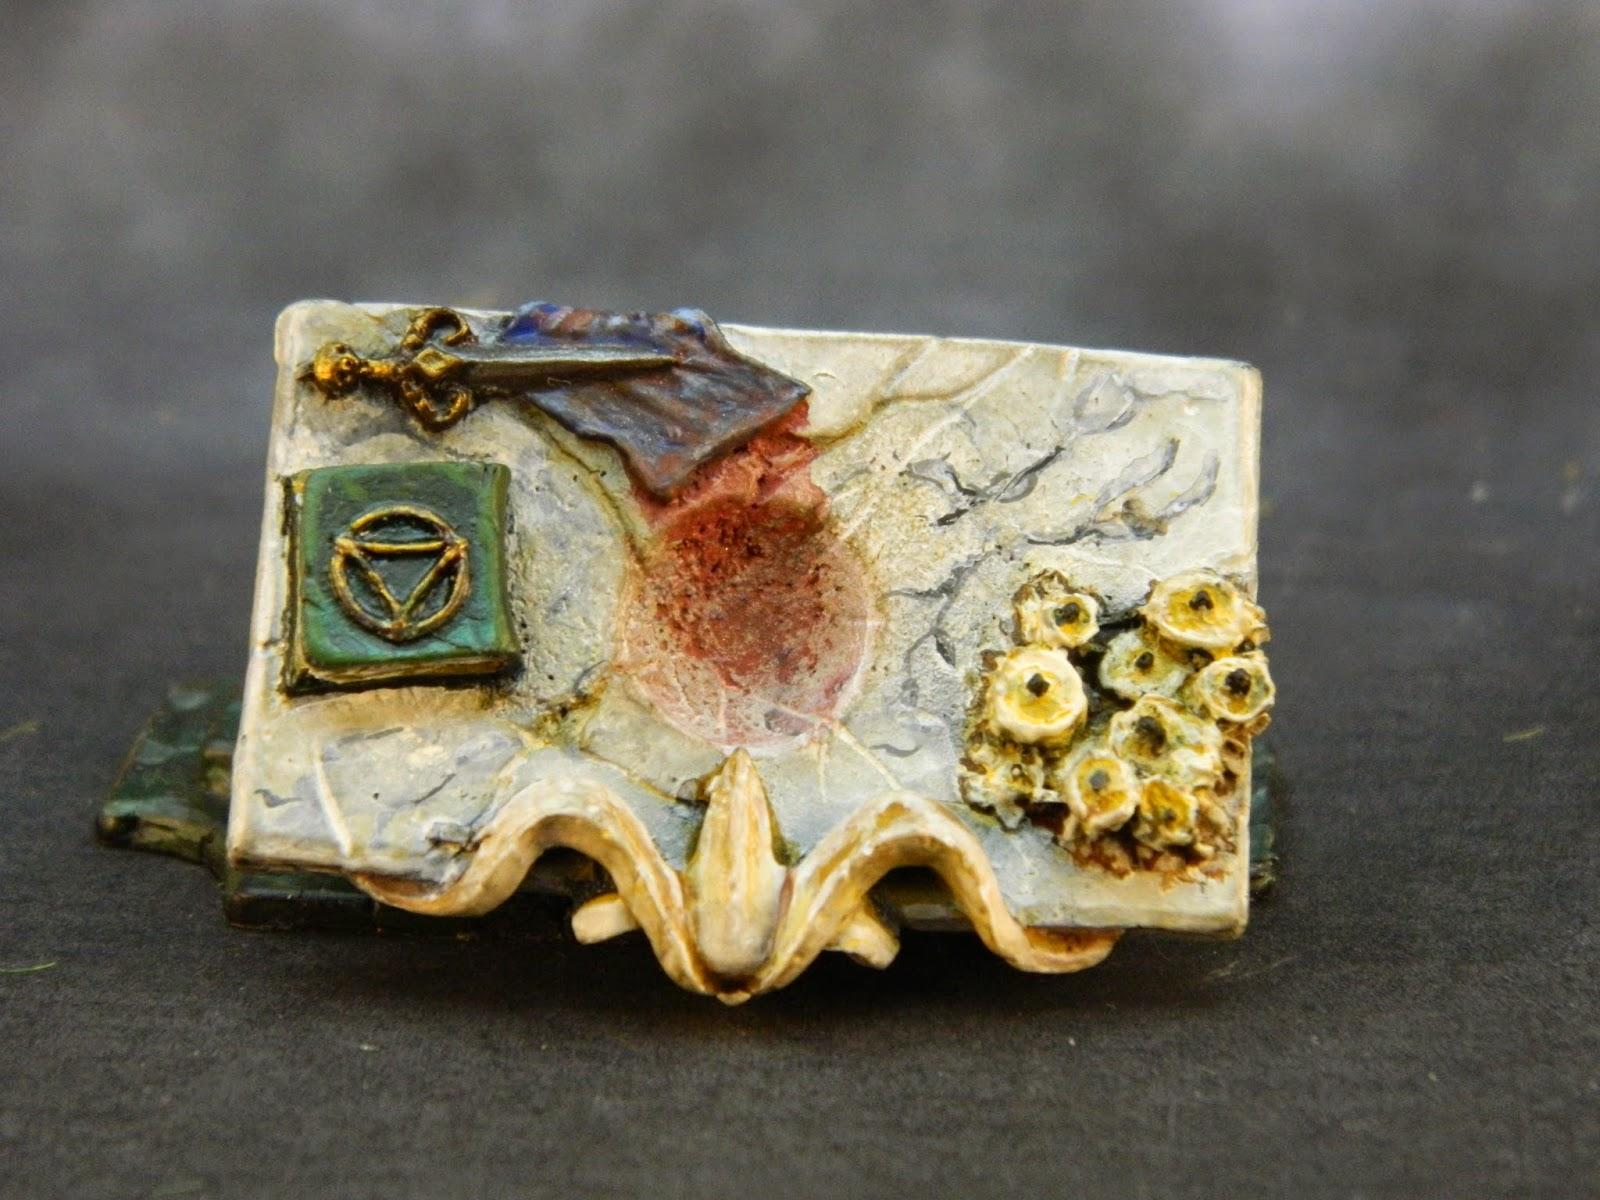 La espada y los dados heroquest 25 aniversario for Como limpiar marmol manchado